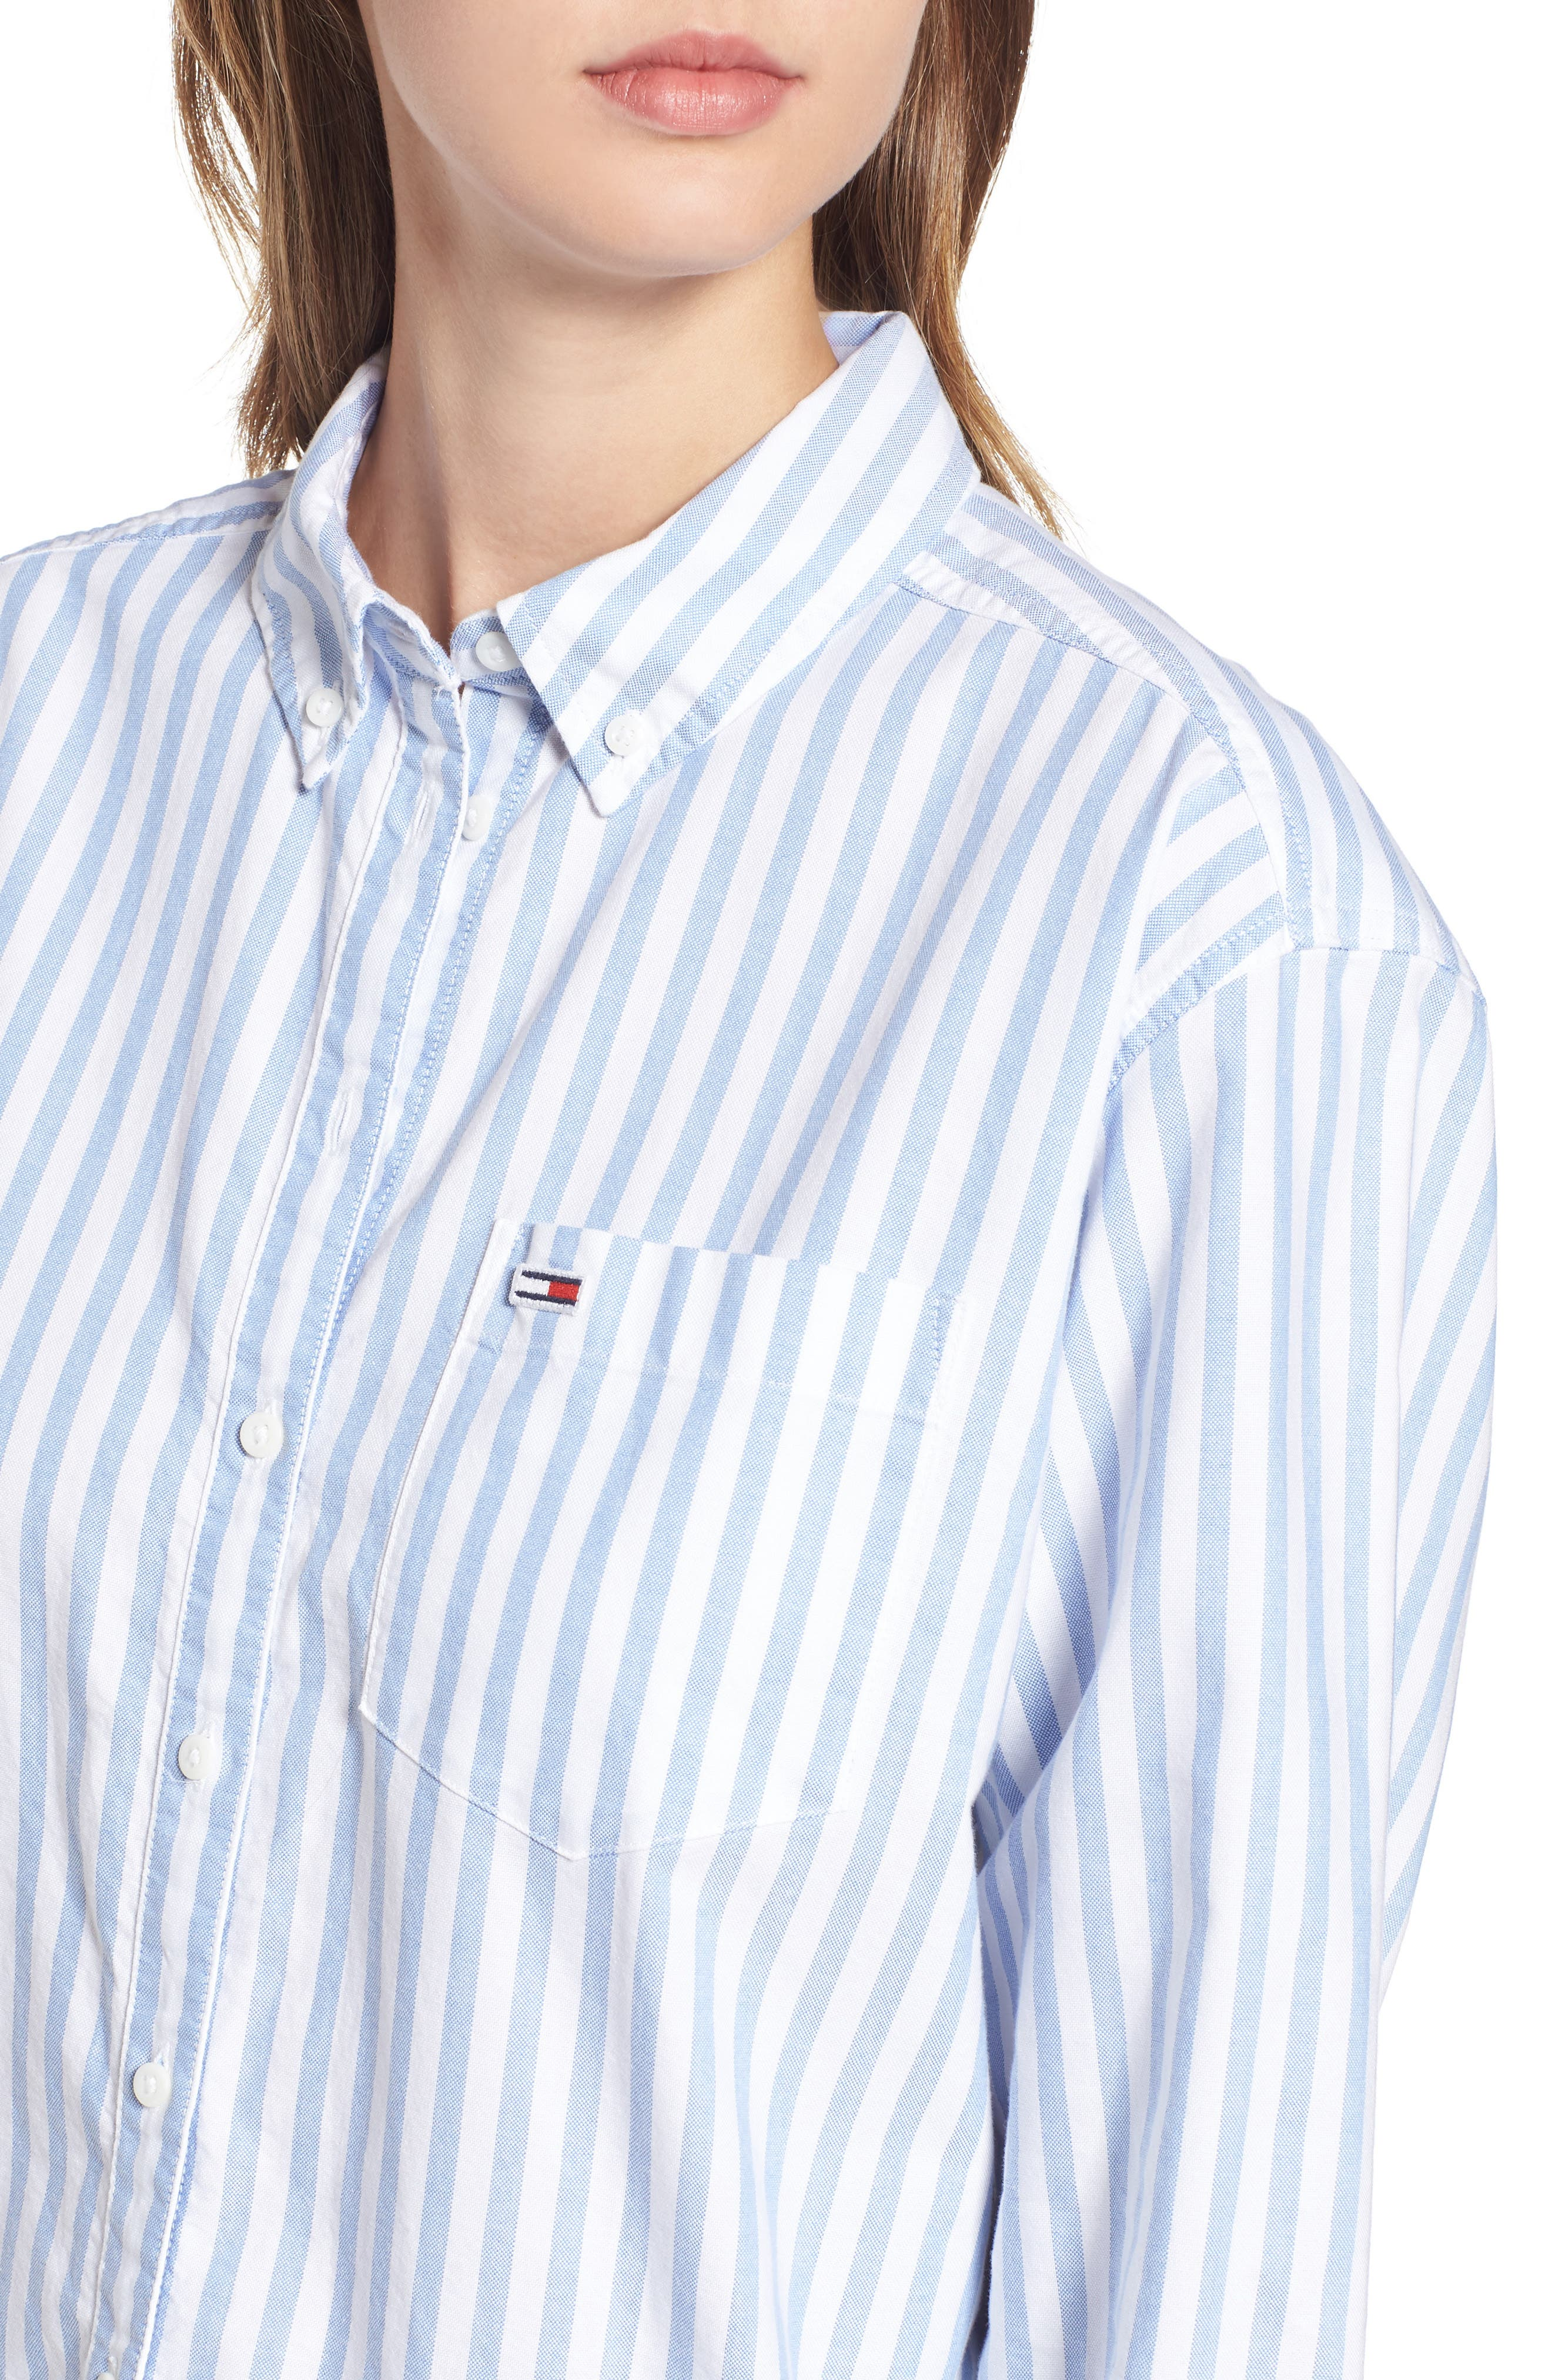 TJW Classics Stripe Shirt,                             Alternate thumbnail 4, color,                             BRIGHT WHITE / LIGHT BLUE